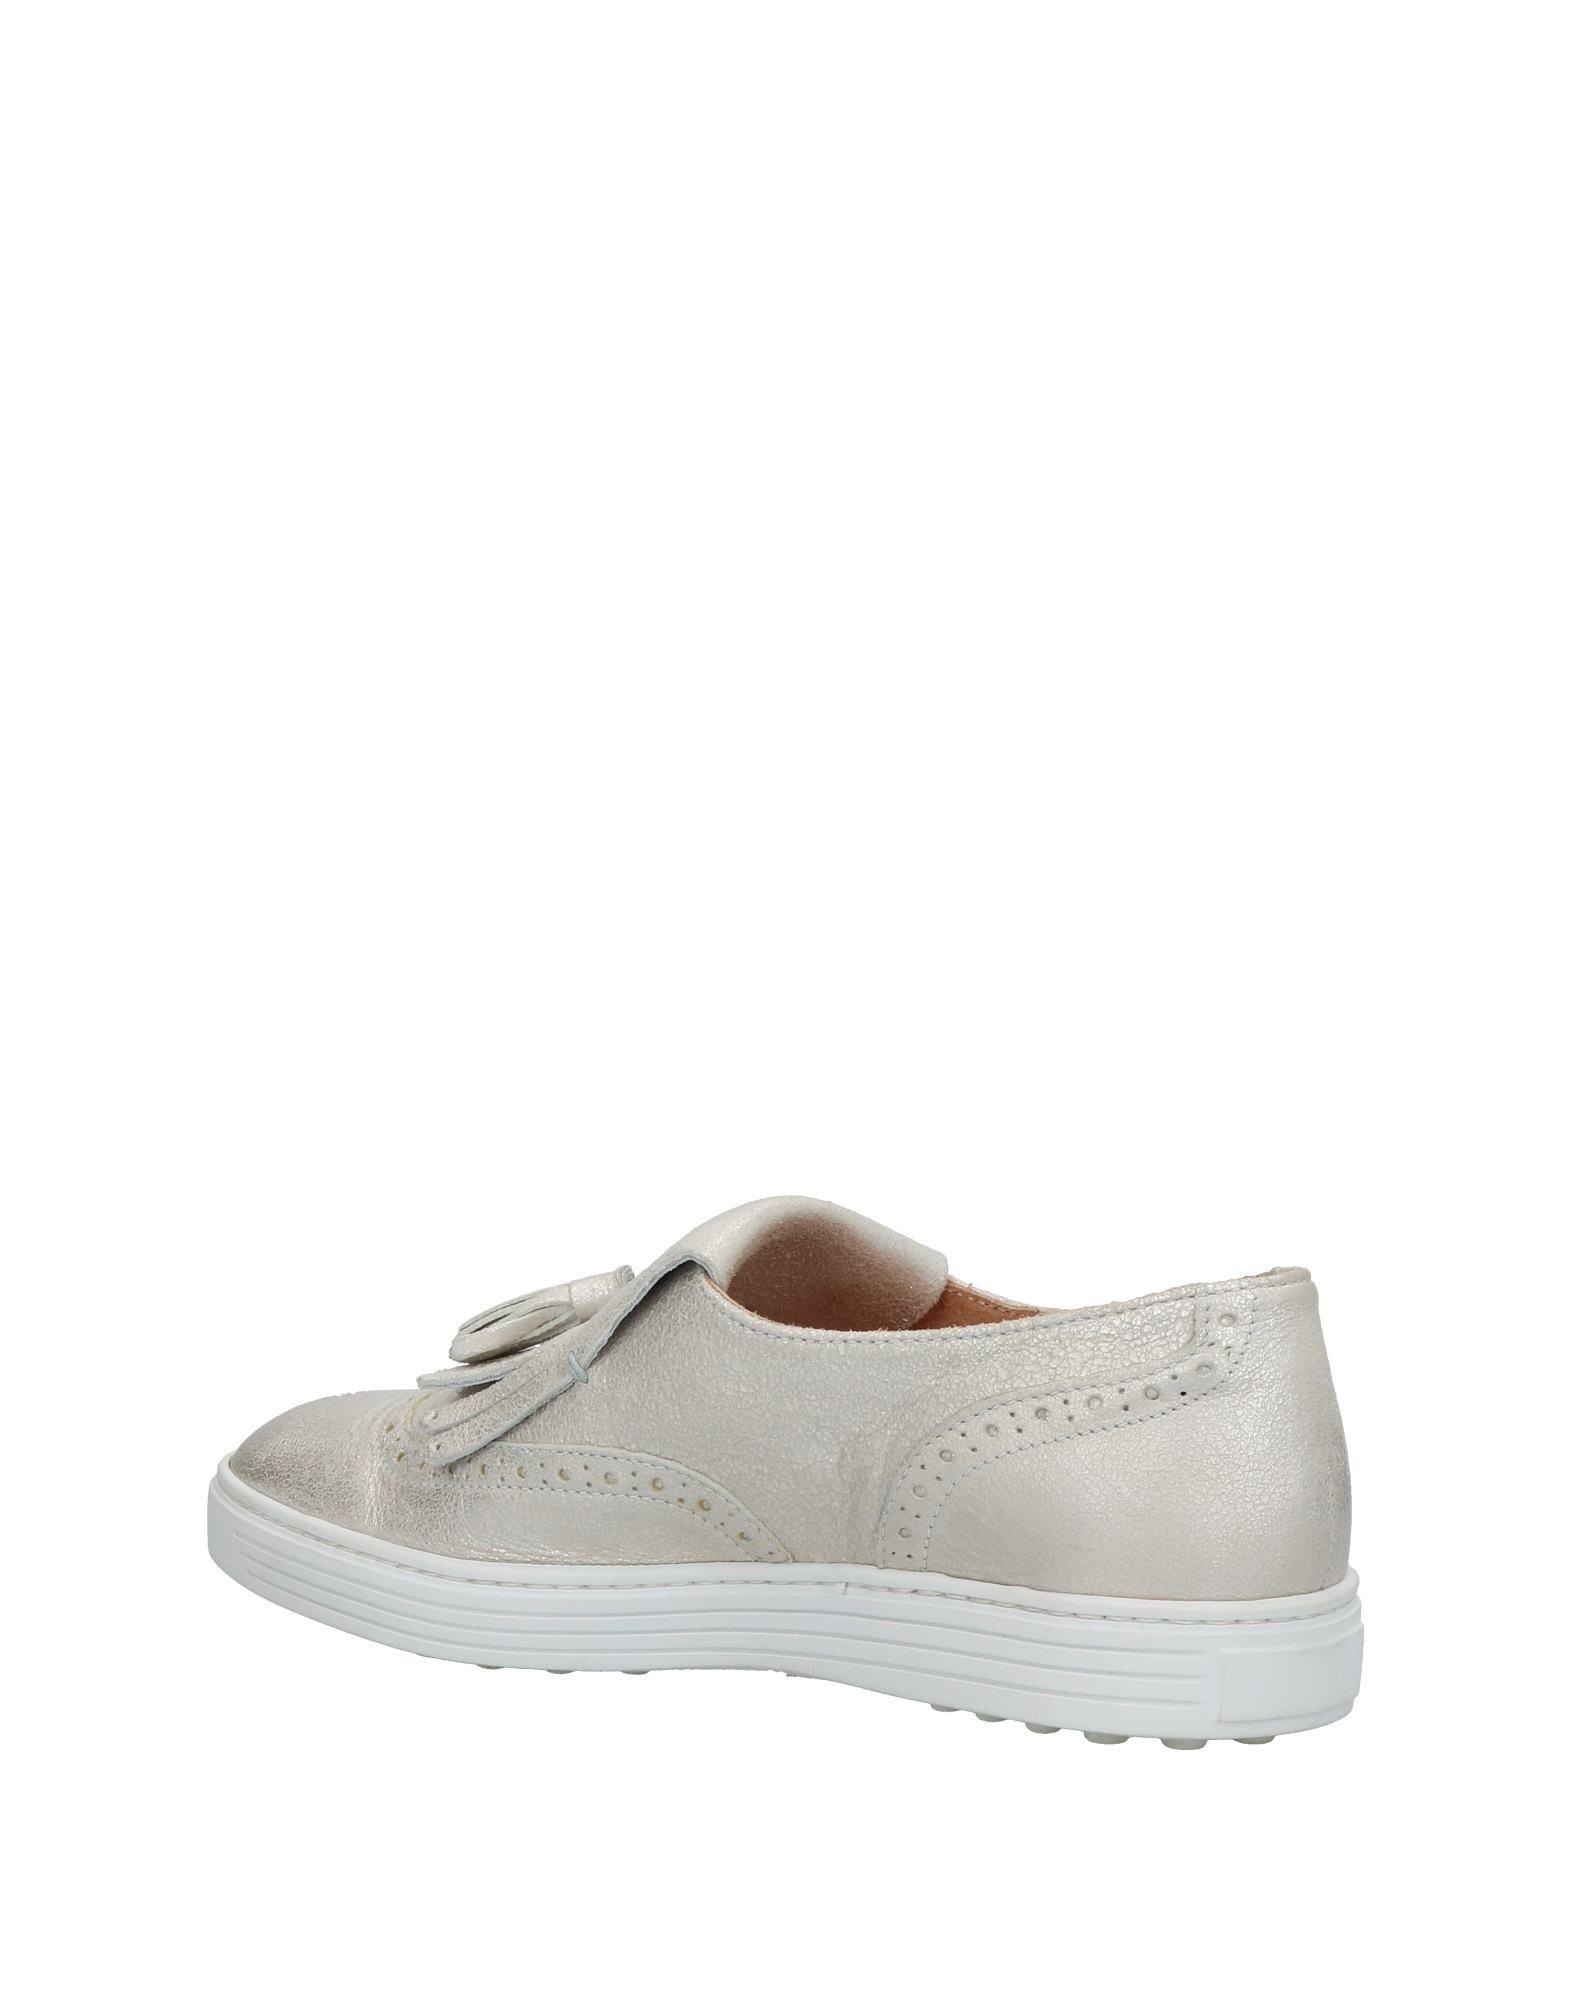 Carlo Pazolini Sneakers Damen  Schuhe 11407541NE Gute Qualität beliebte Schuhe  ef343c